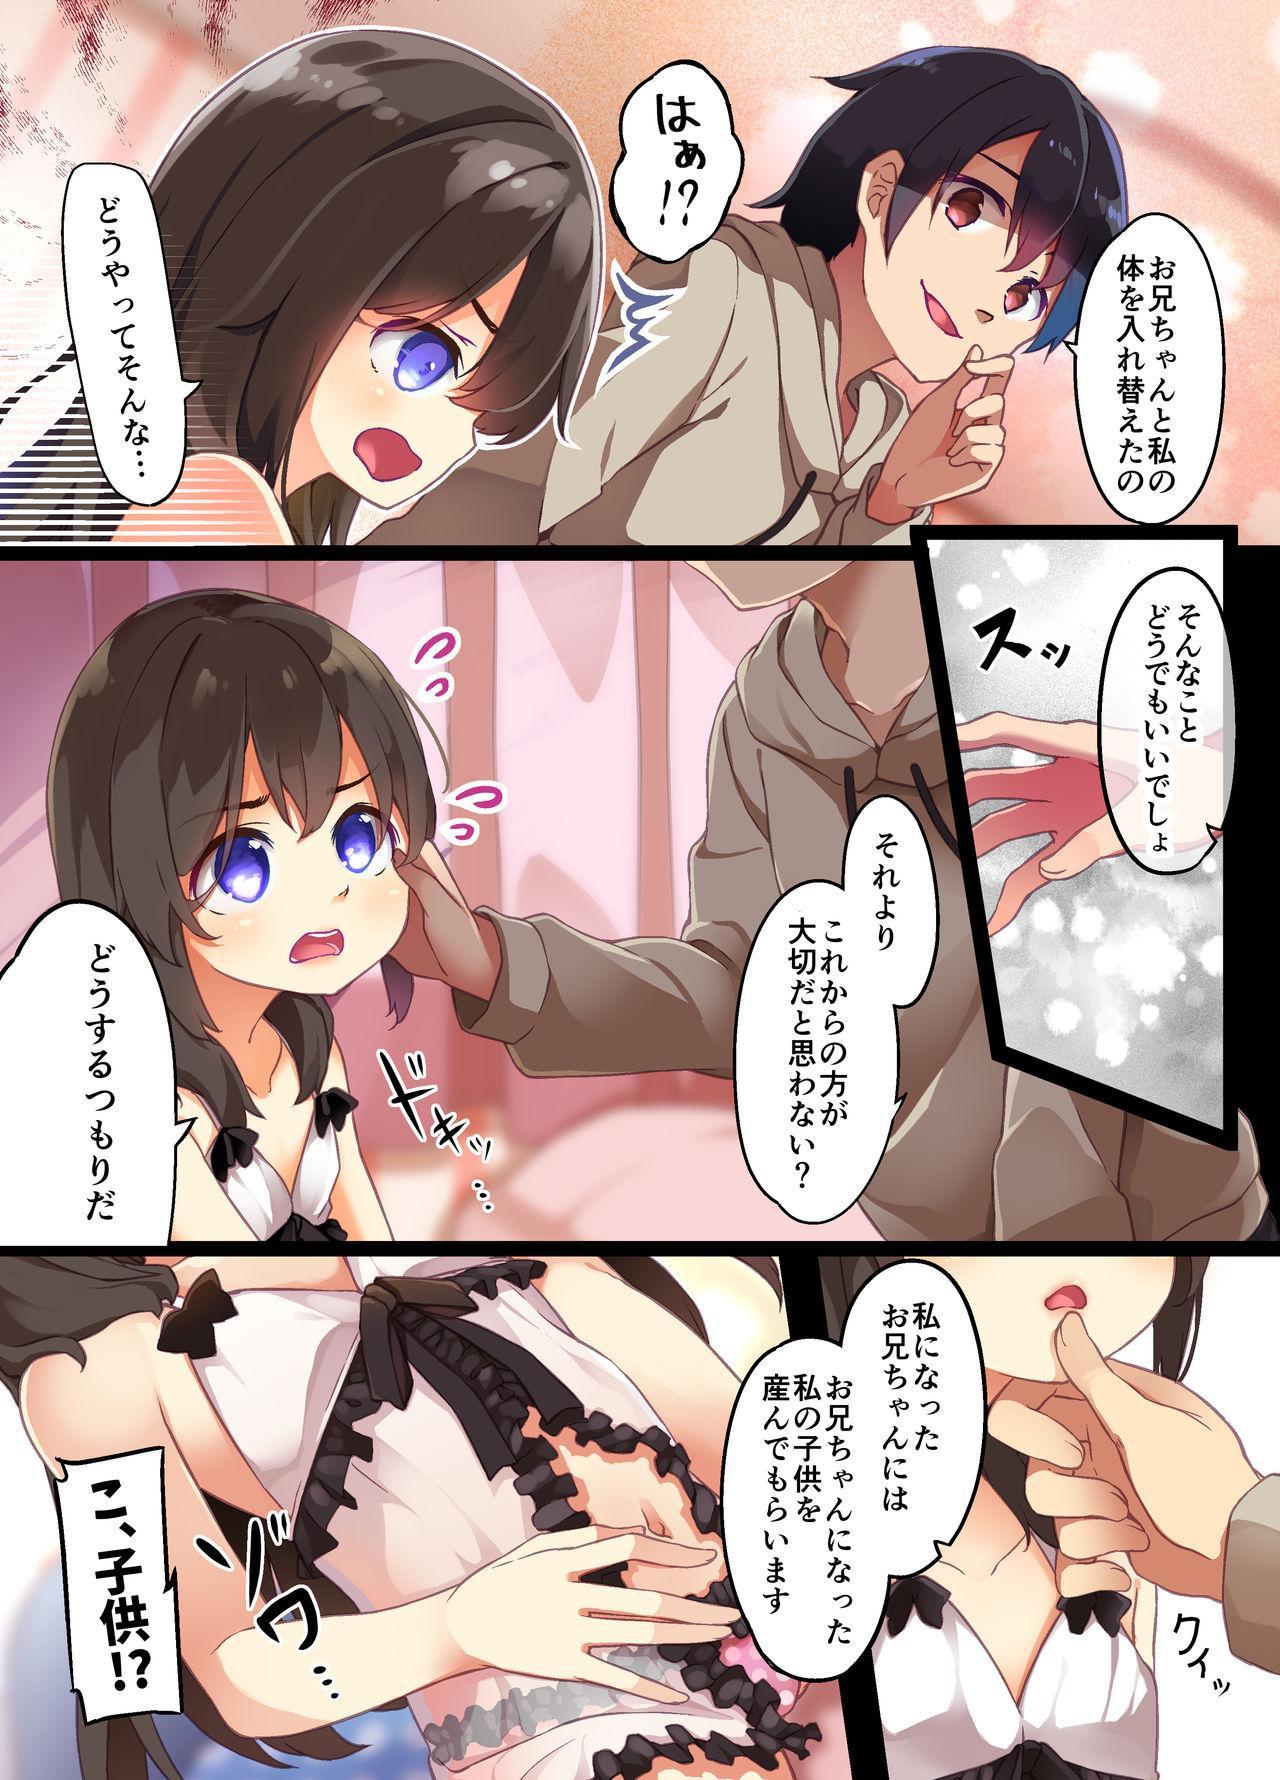 Onii-chan ni Haramasaretai Yandere Imouto wa Karada o Koukan shite Kozukuri H shichau no 9